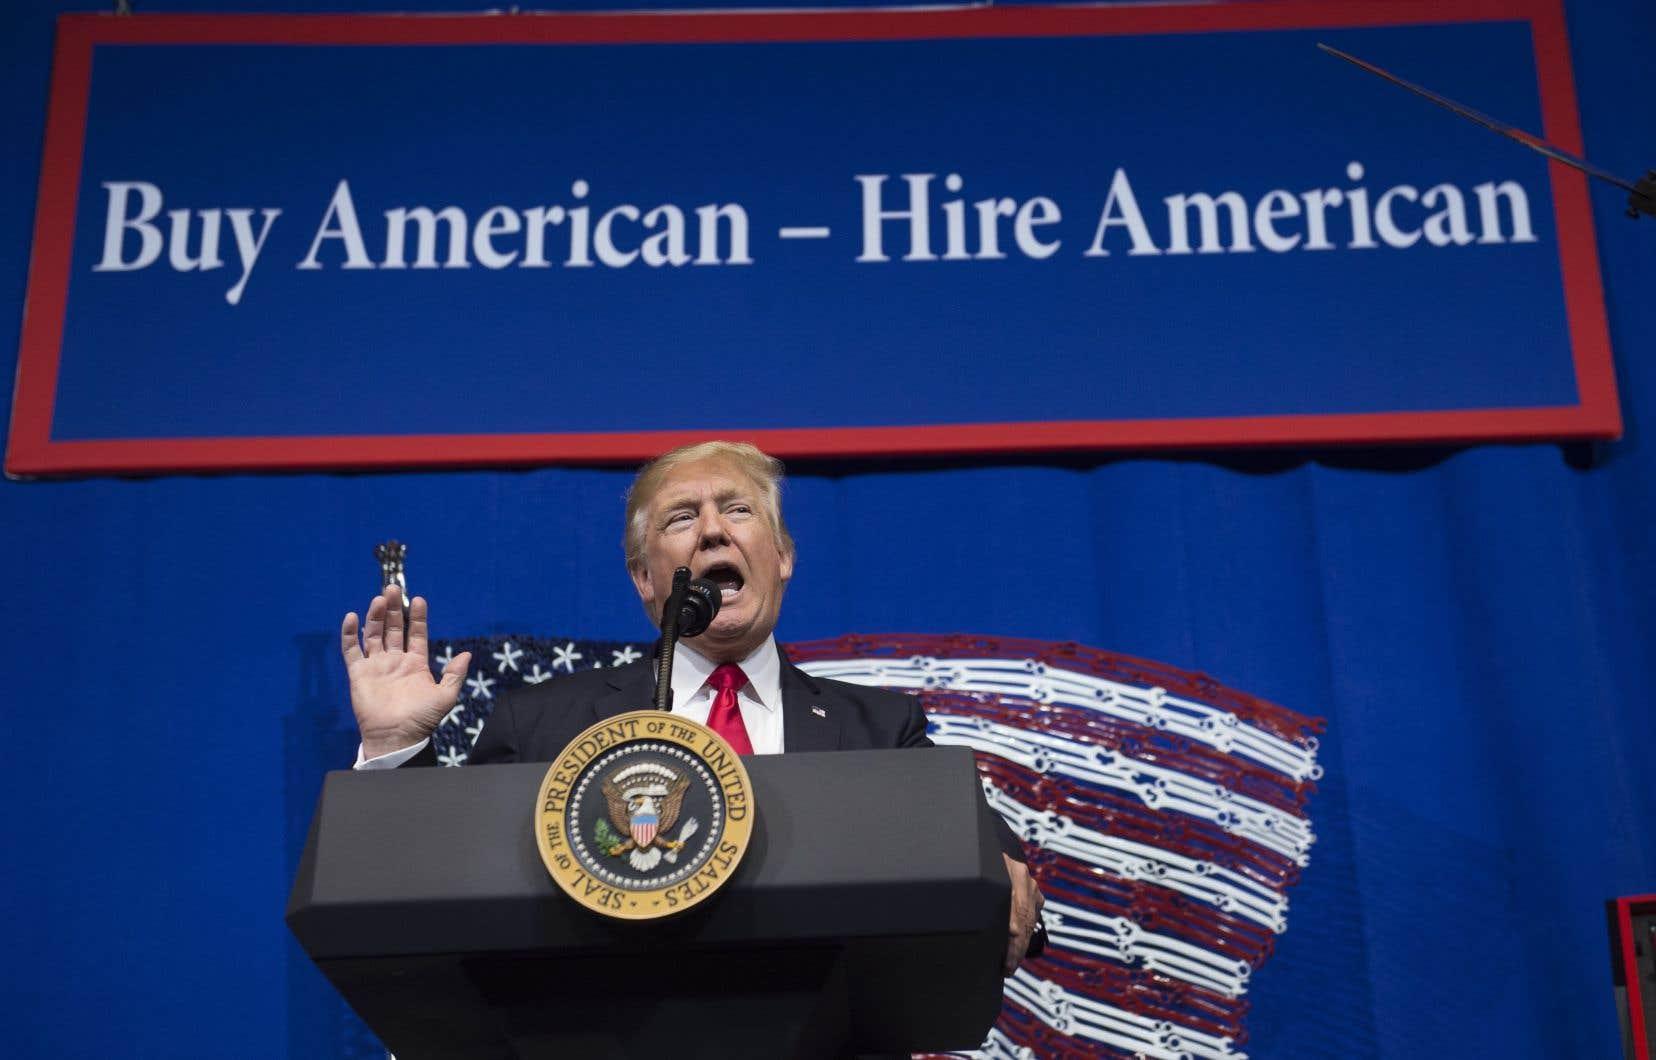 «Trump a raison sur un point: la Chine est, sinon sur le point de remplacer les États-Unis comme première puissance économique mondiale, au moins en train de rogner férocement ses parts de marché», affirme l'auteur.